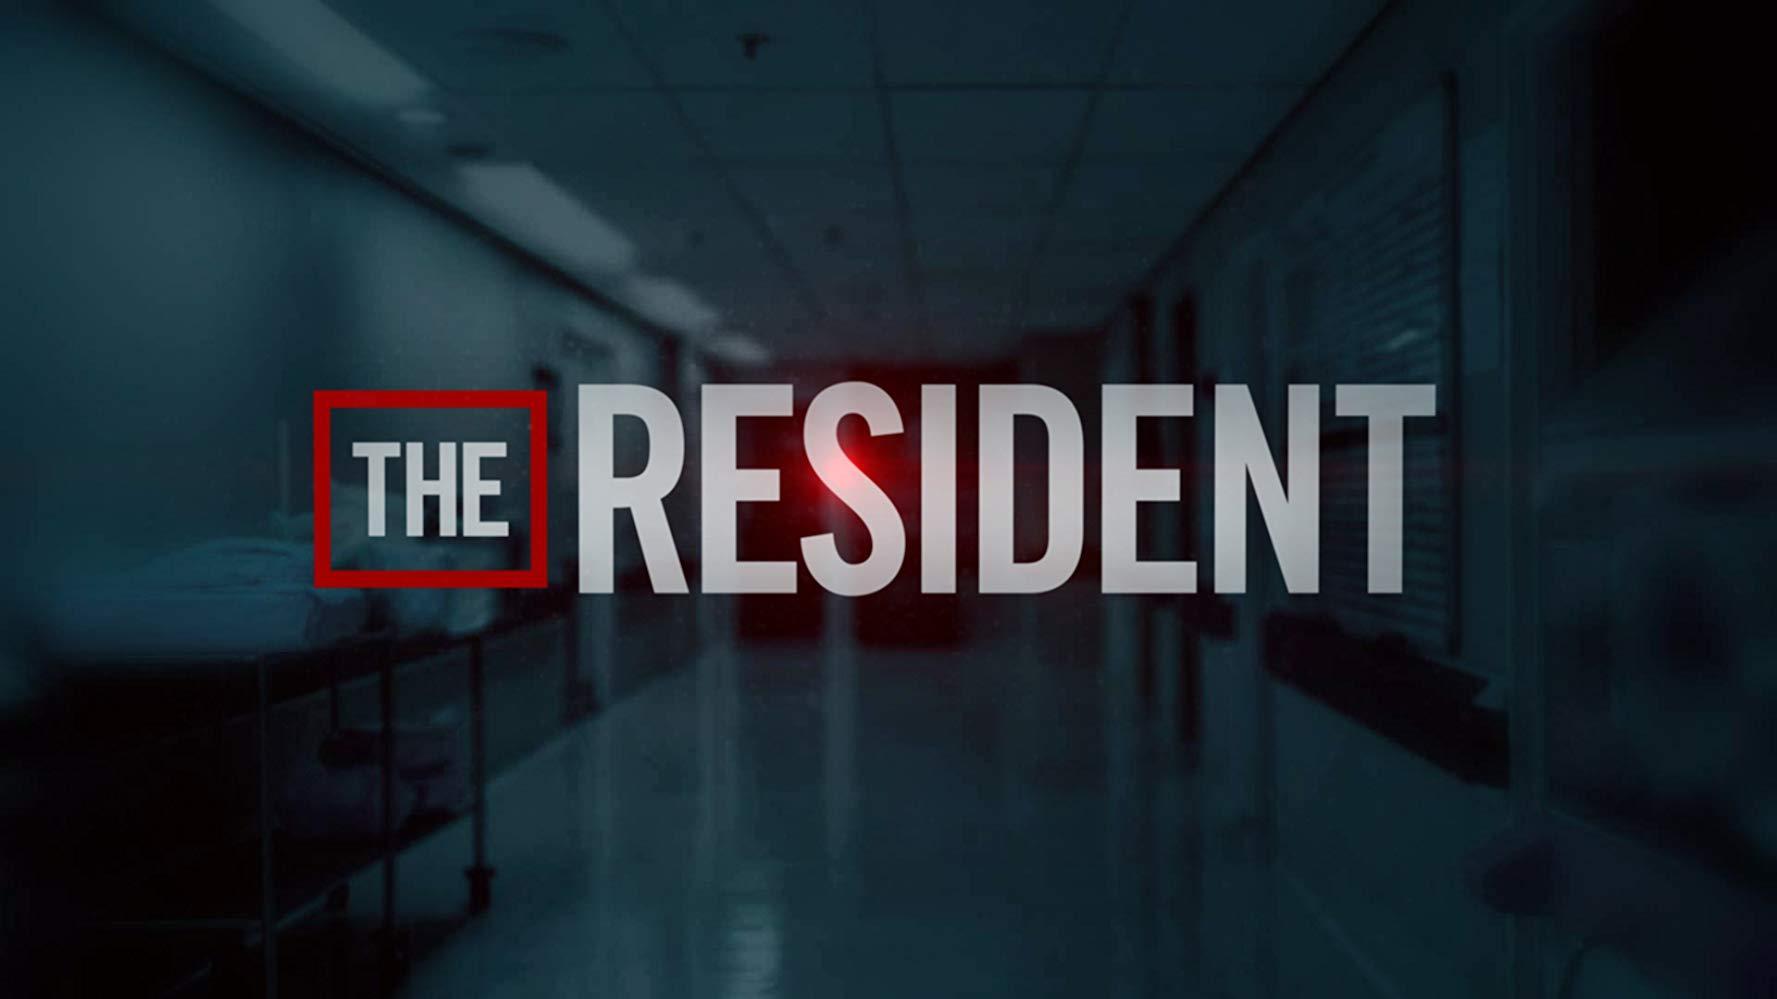 مشاهدة فيلم The Resident 2017 HD مترجم كامل اون لاين